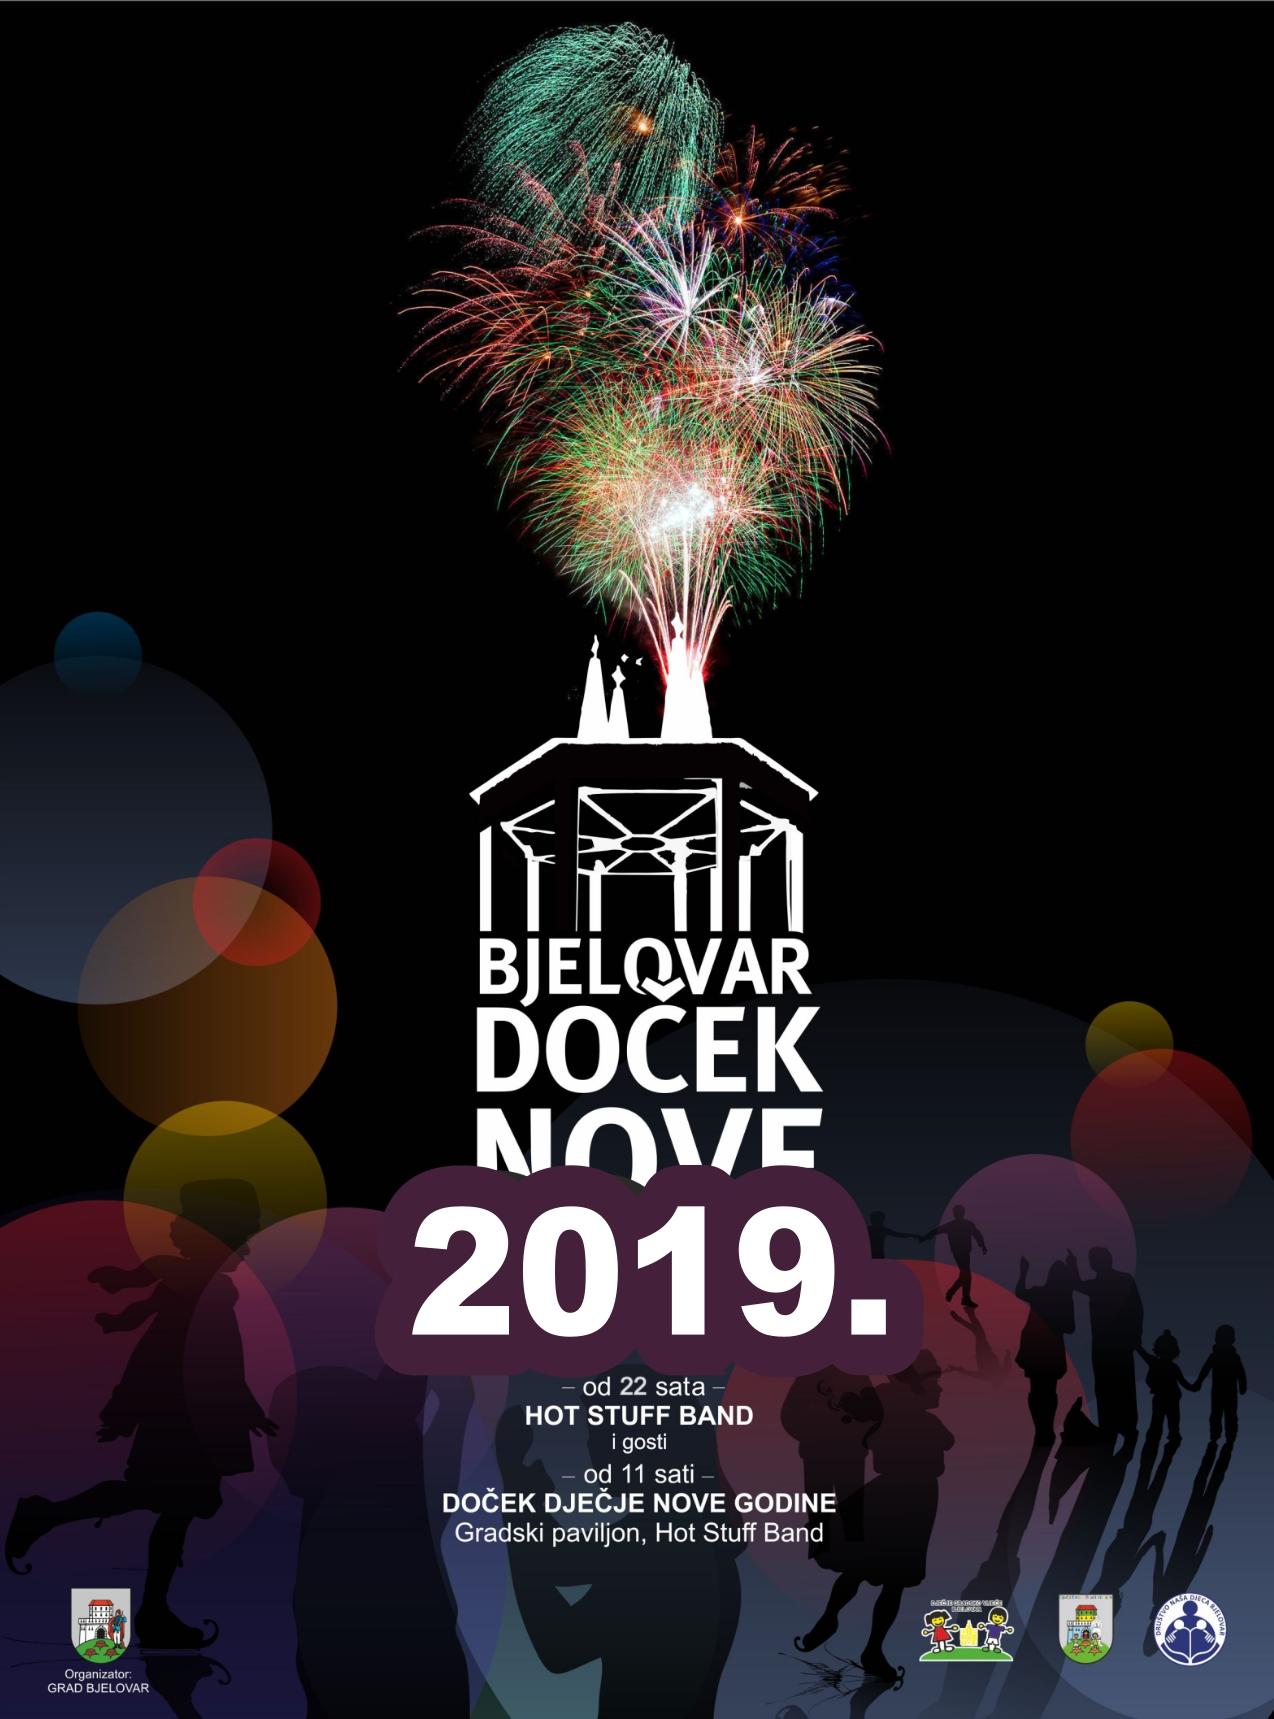 Doček Nove 2019. godine u Bjelovaru / Dječji doček Nove 2019. godine u Bjelovaru